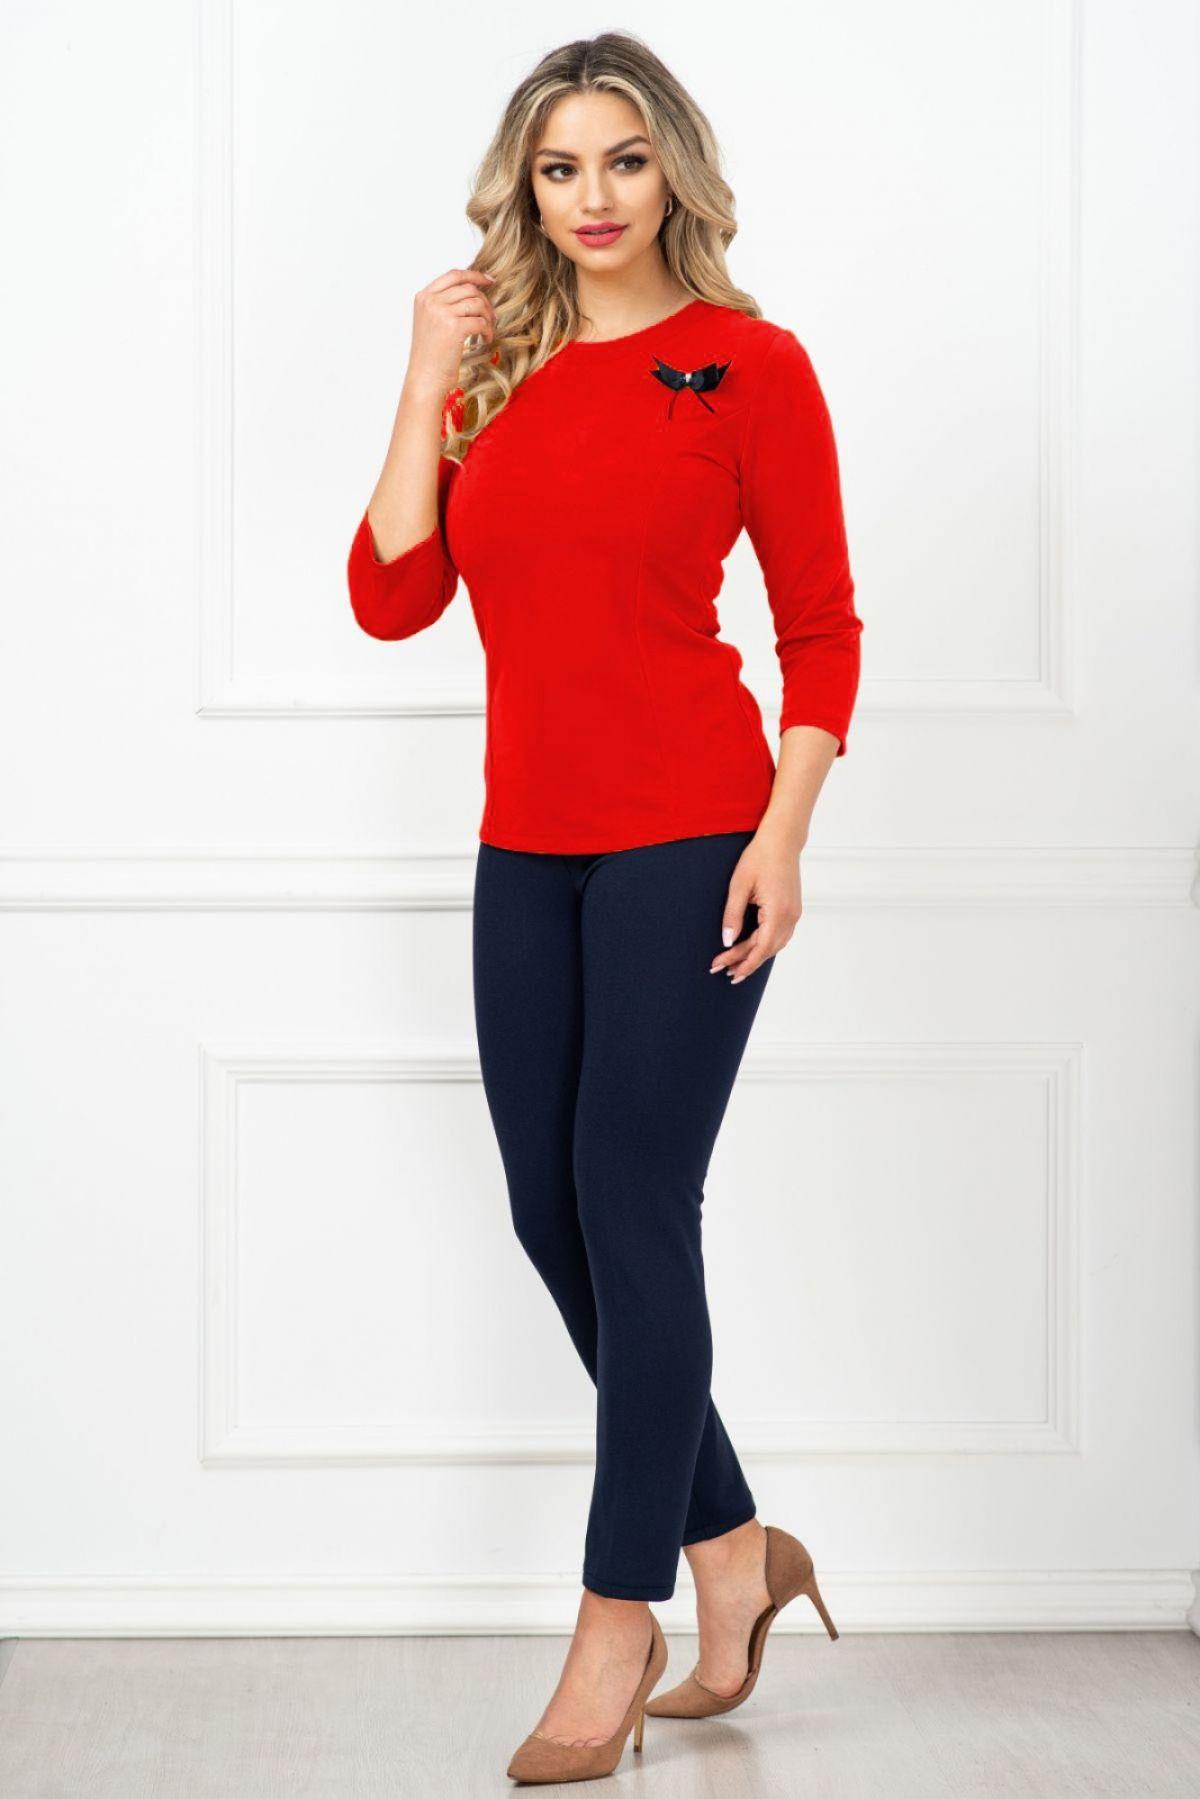 Compleu dama elegant Maria cu bluza rosie si fundita By InPuff